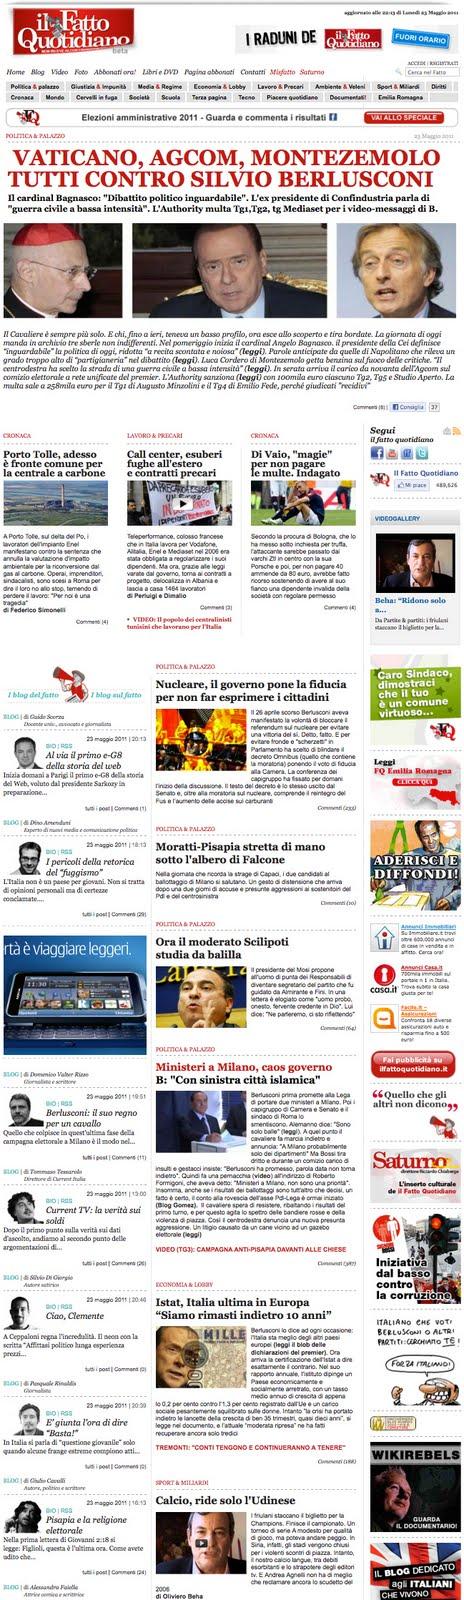 Rassegna_Zero-Plastica_ilFattoQuotidiano_Basta.jpg